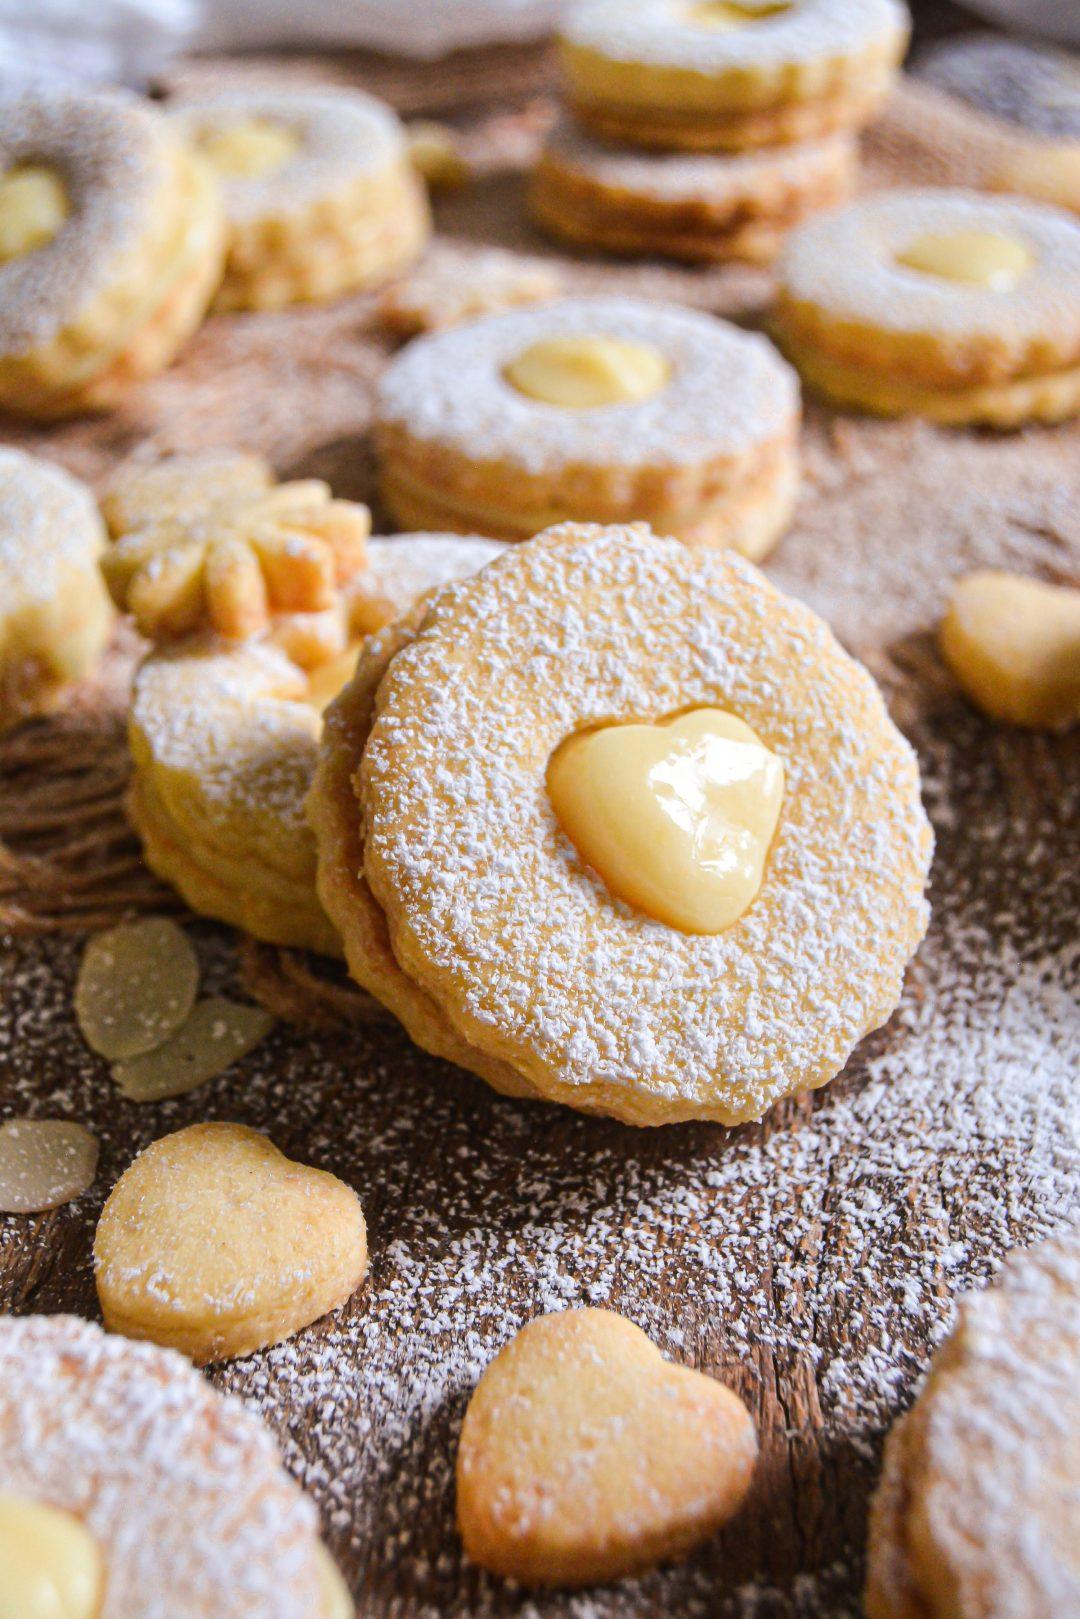 Biscuits Vegan Amande, Crème de Citron / Vegan Almond, Lemon Curd Shortbread Cookies